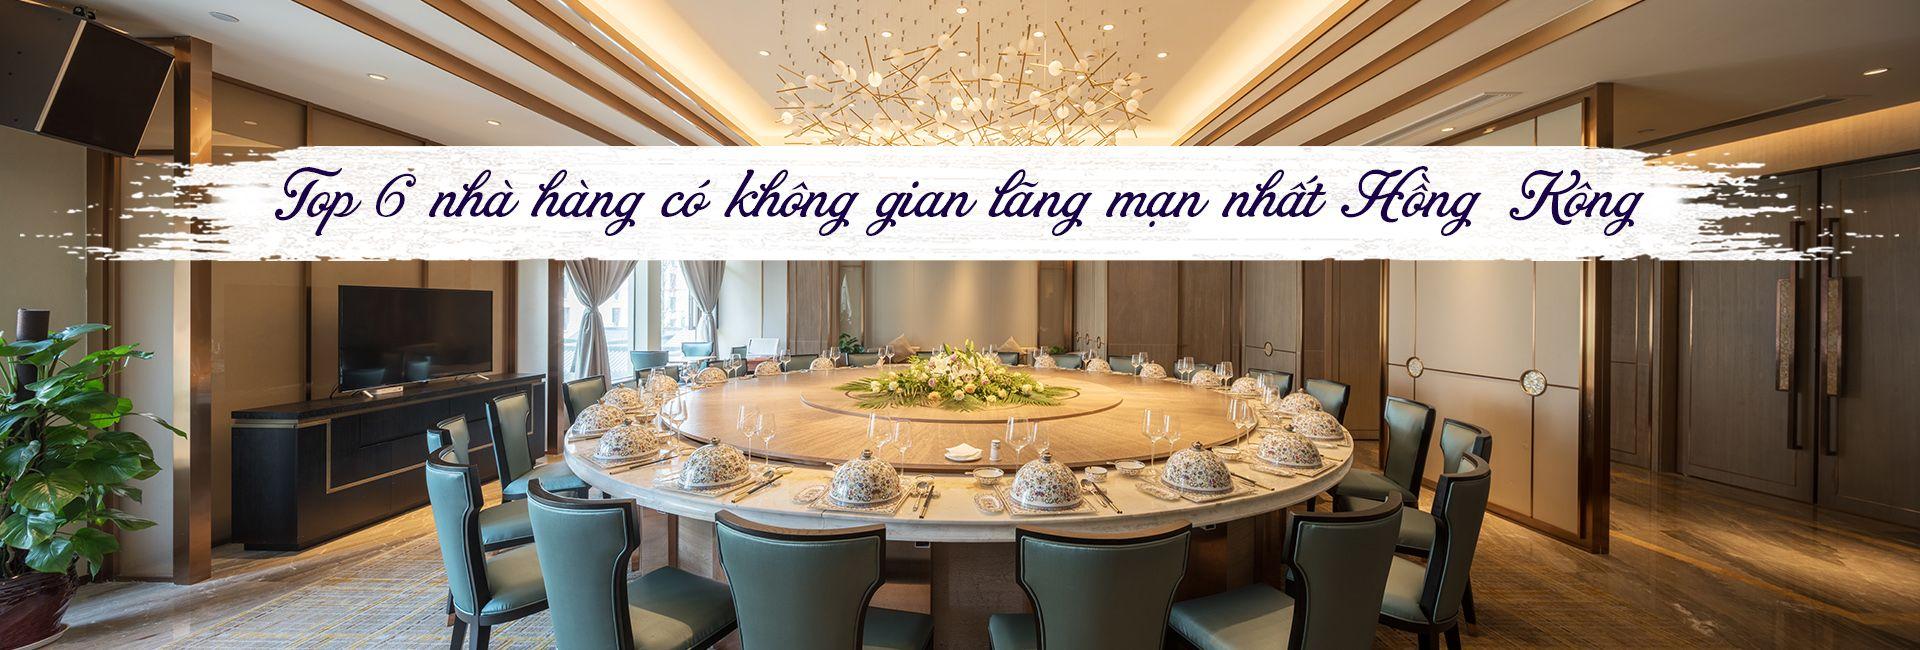 Top 6 nhà hàng có không gian lãng mạn nhất Hồng Kông